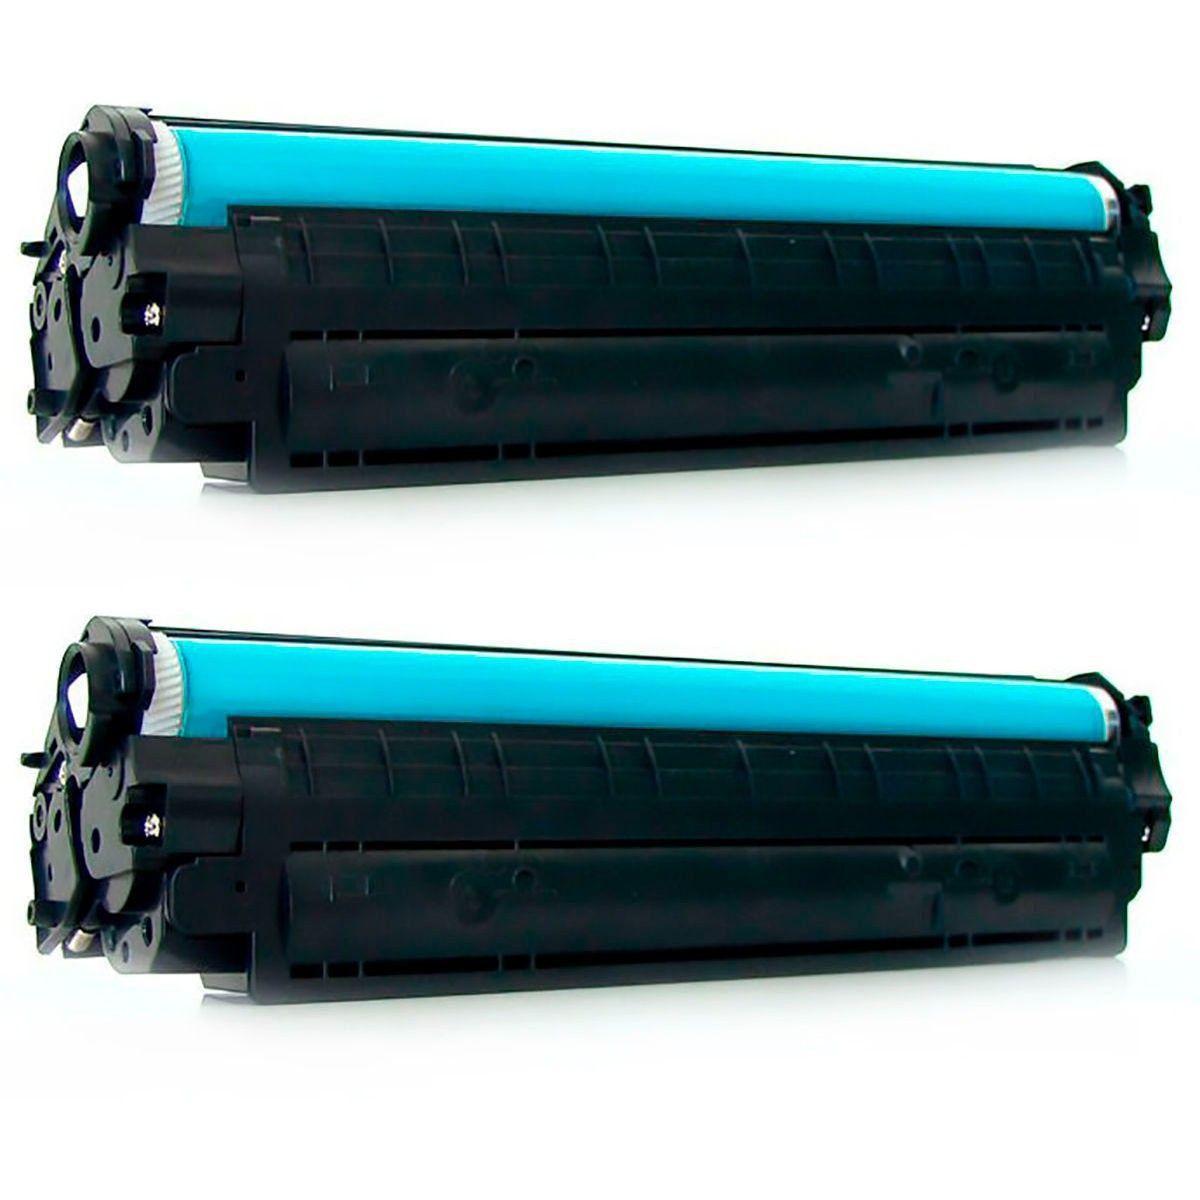 Compatível: Kit 2x Toner CE278A 278A para HP M1530 M1536 M1536dnf P1560 P1600 P1606 P1606n P1606dn / Preto / 1.800